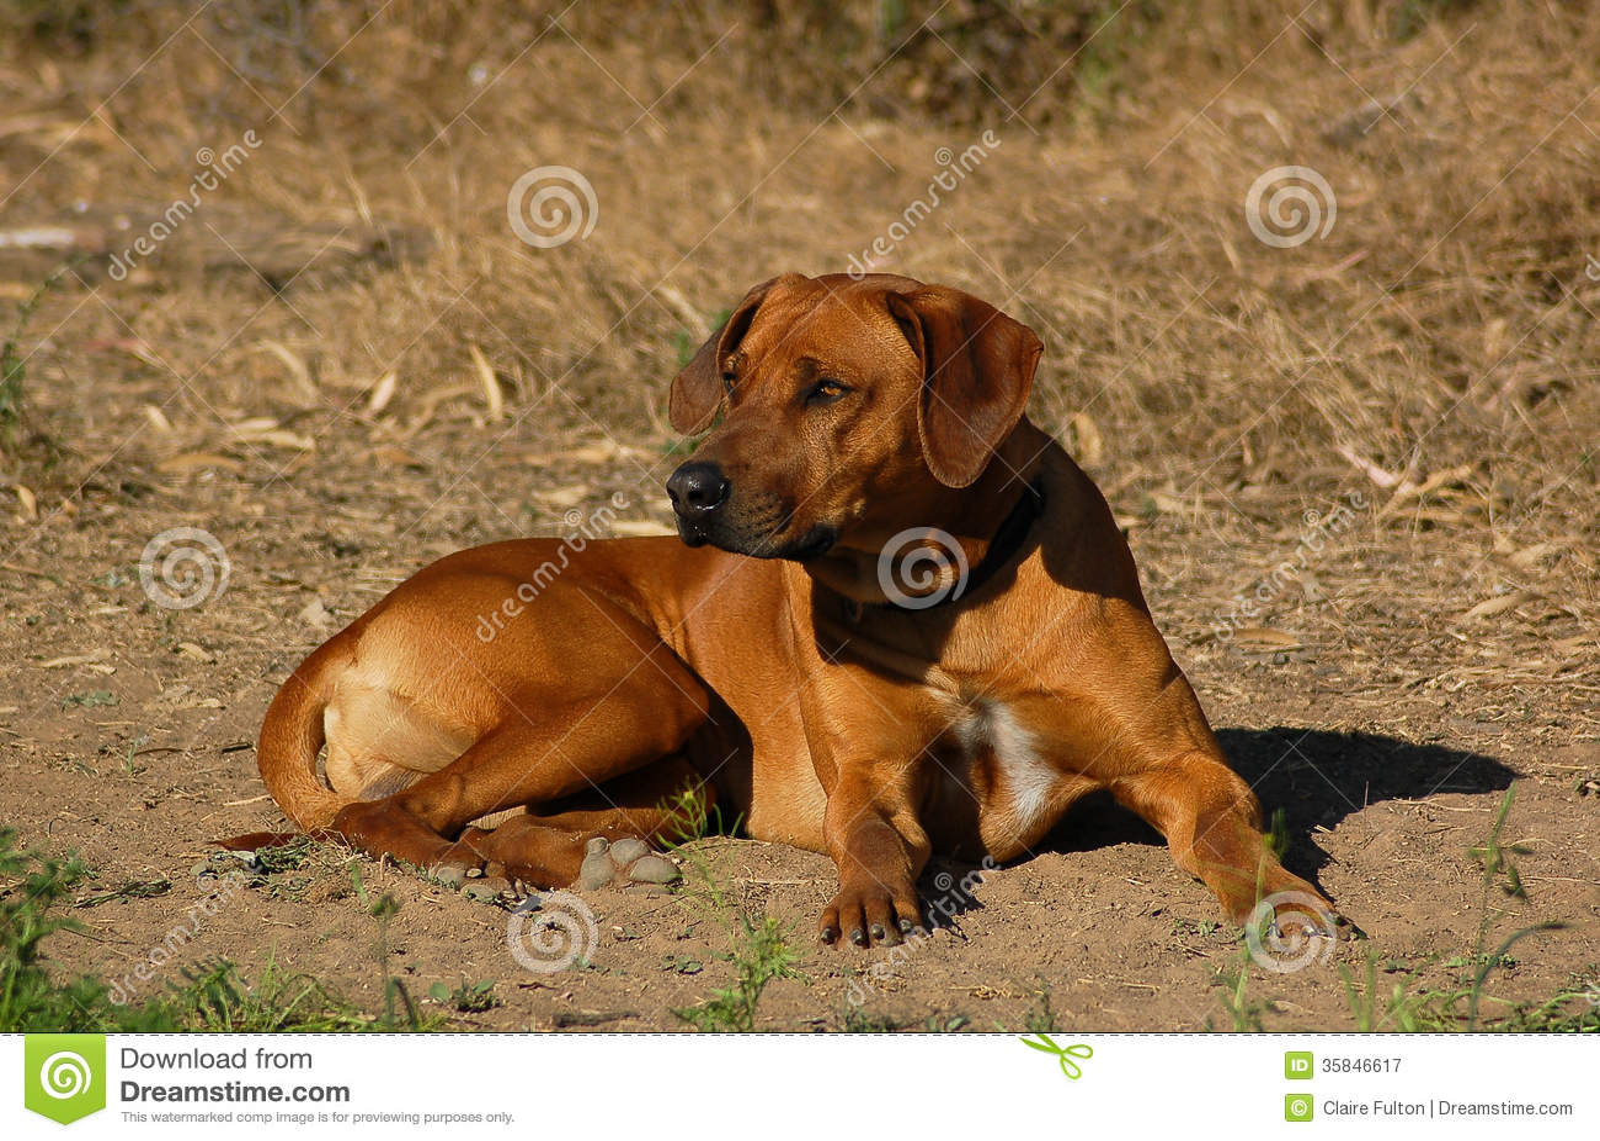 African Lion Rhodesian Ridgeback Dog